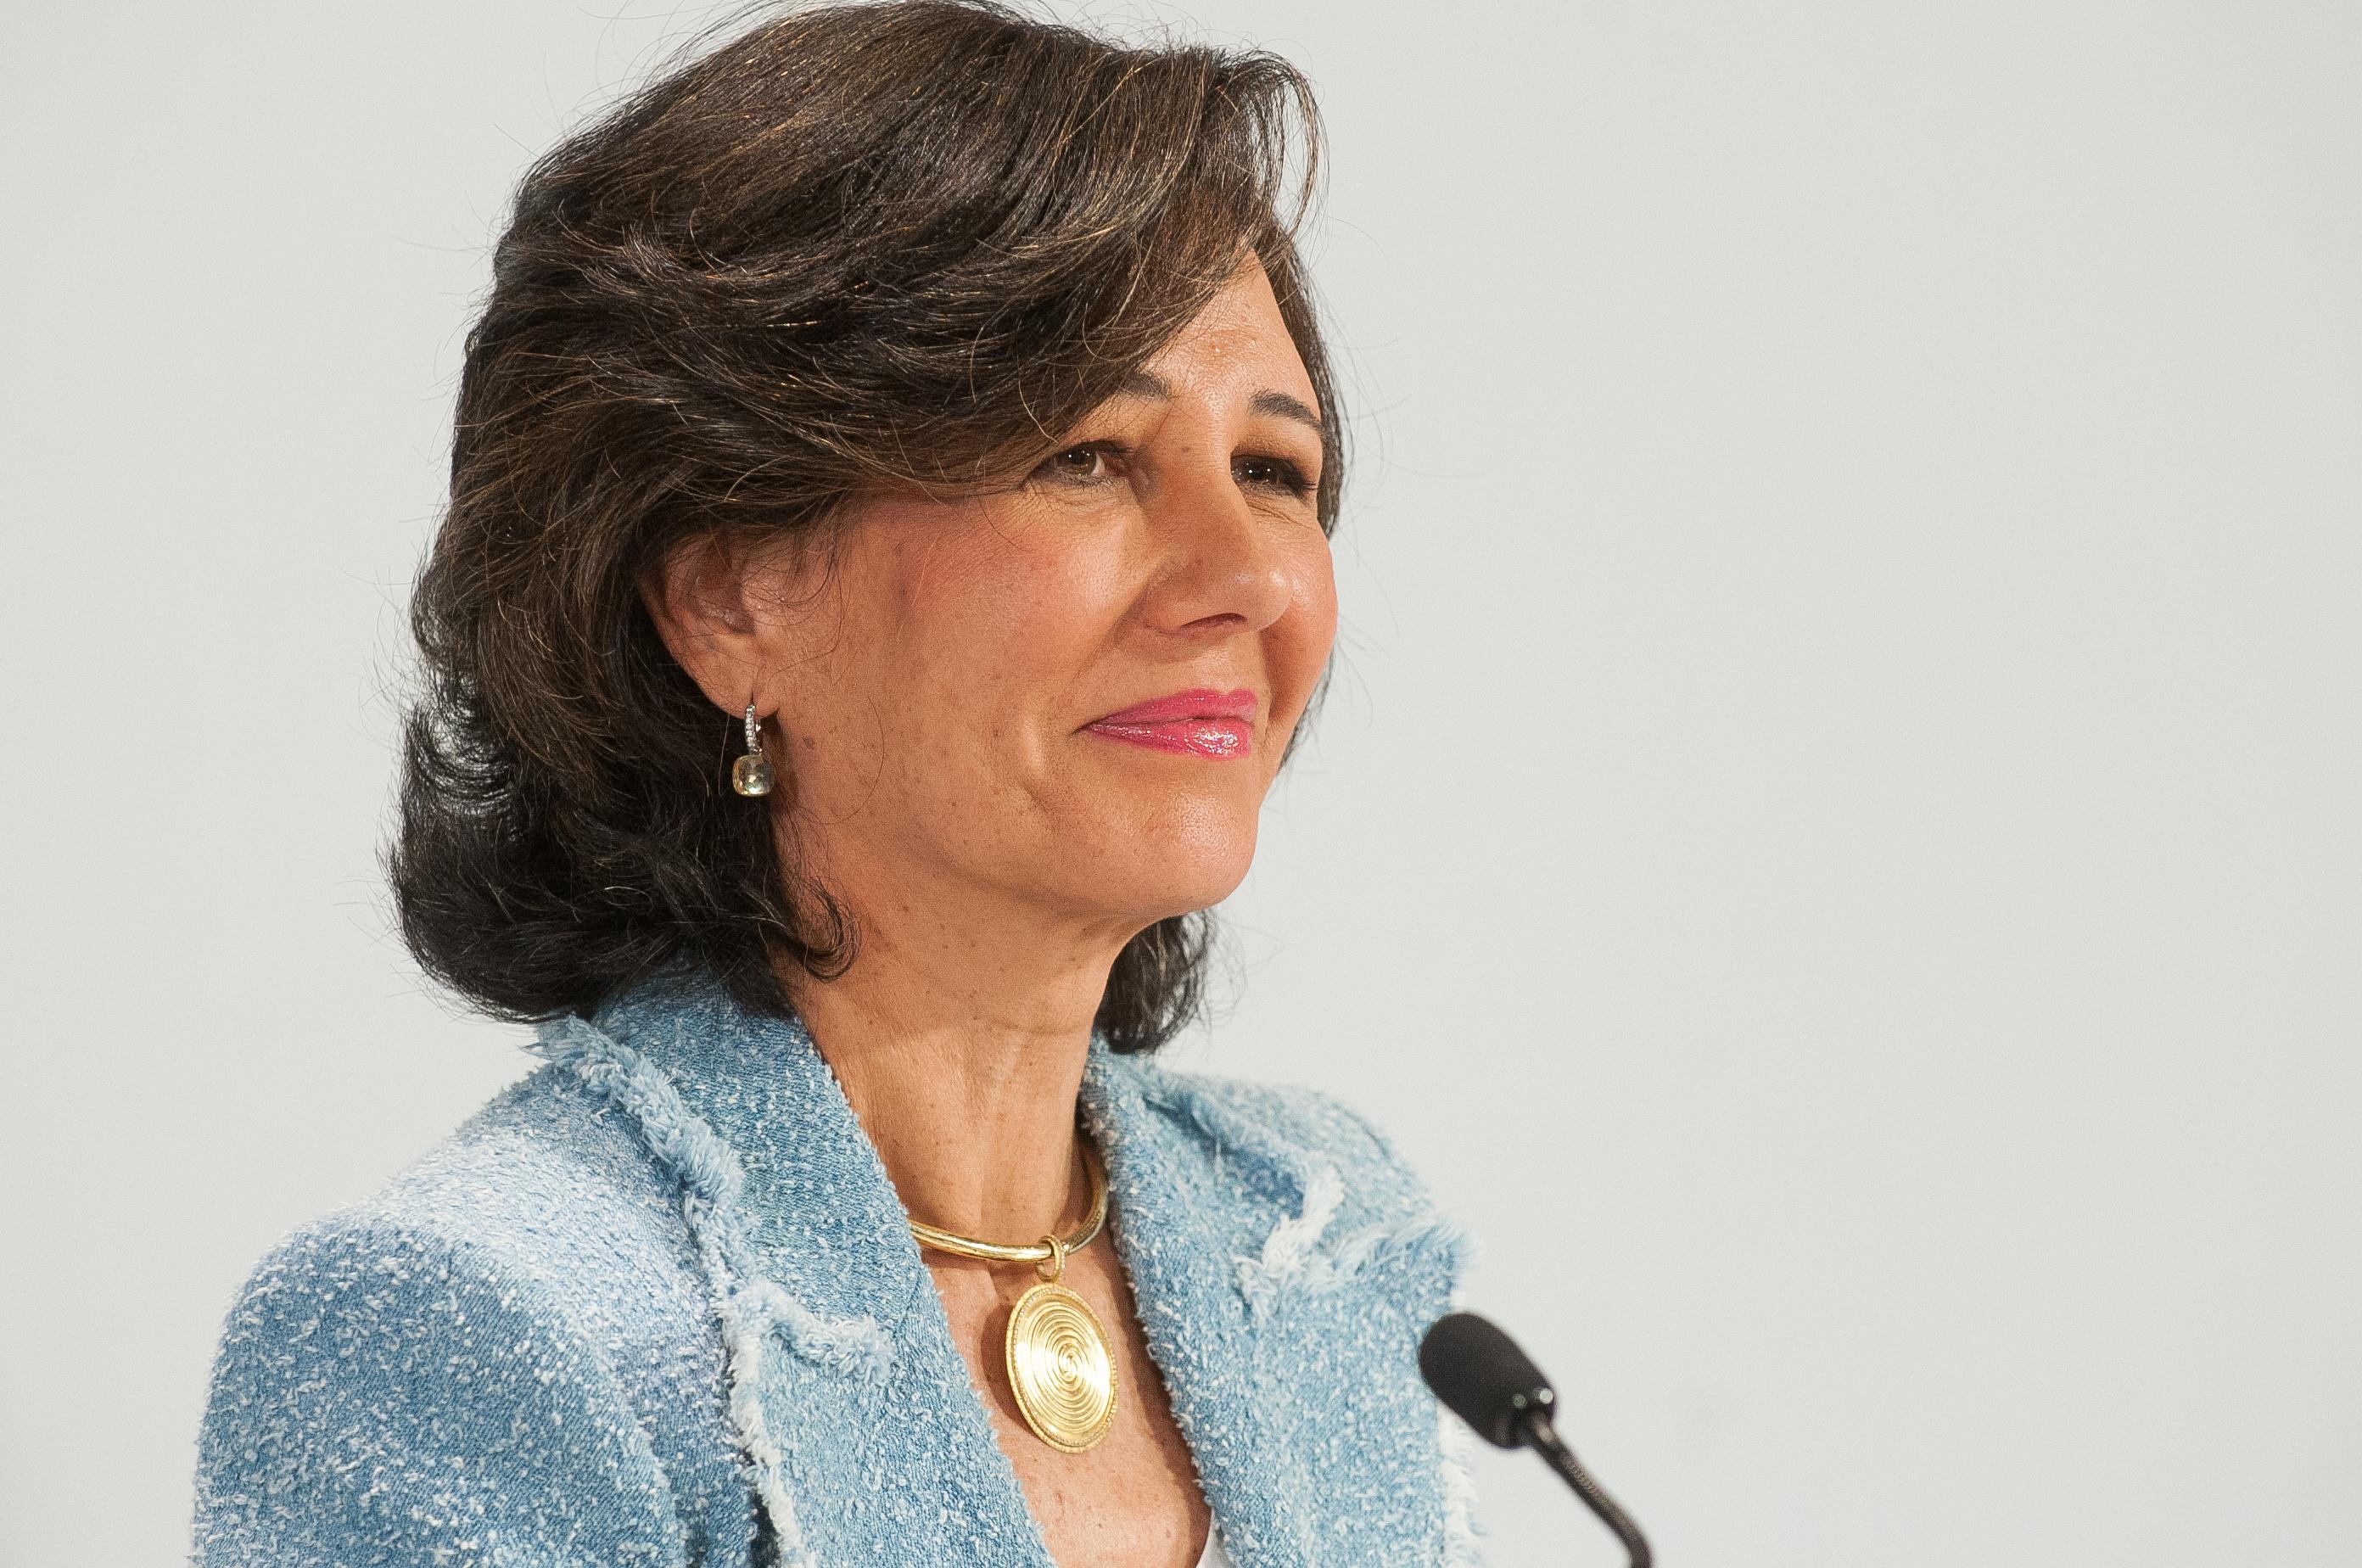 Ana Botín: escala, diversificación y predictibilidad son los rasgos distintivos de Banco Santander